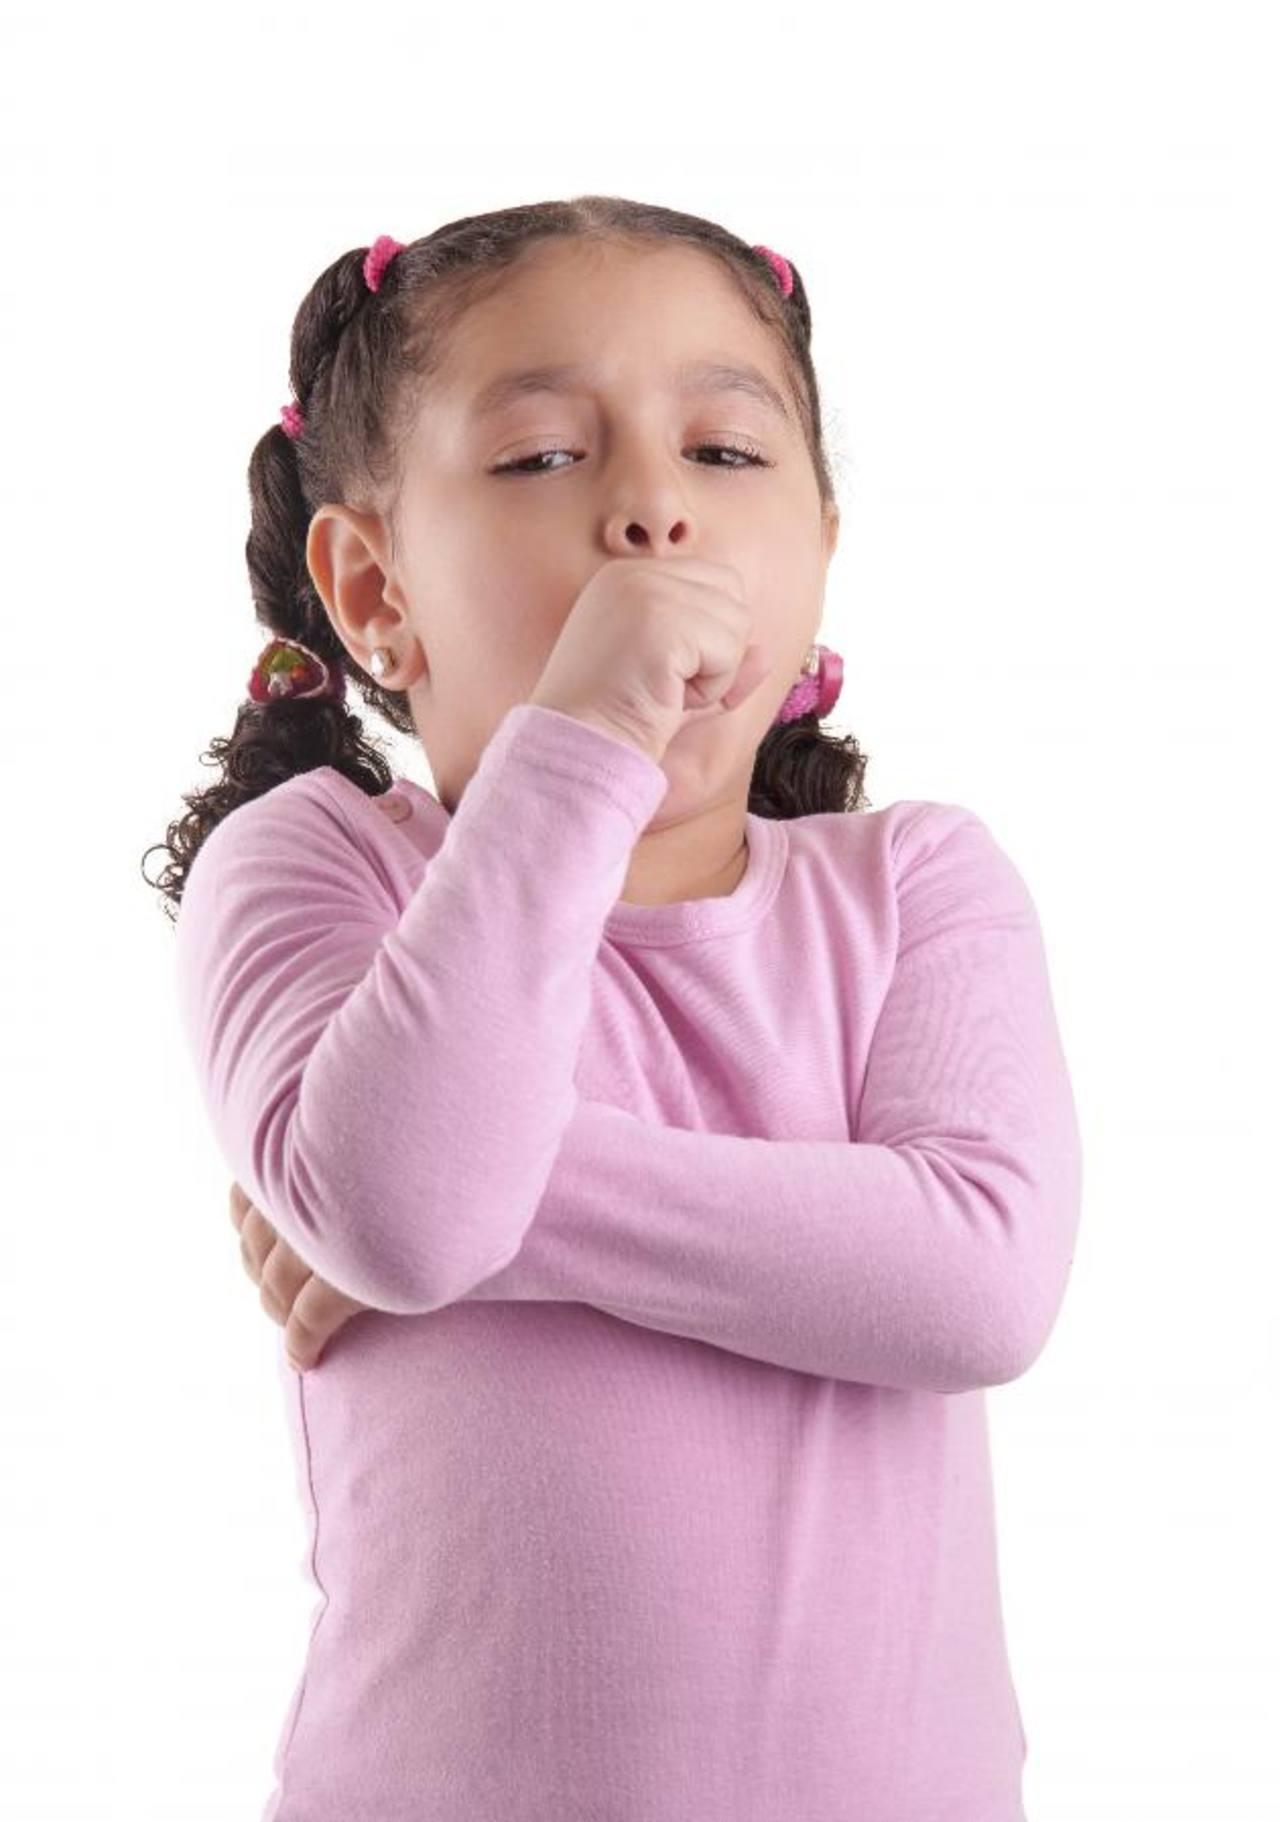 Crup, cuando la tos es bulliciosa y seca